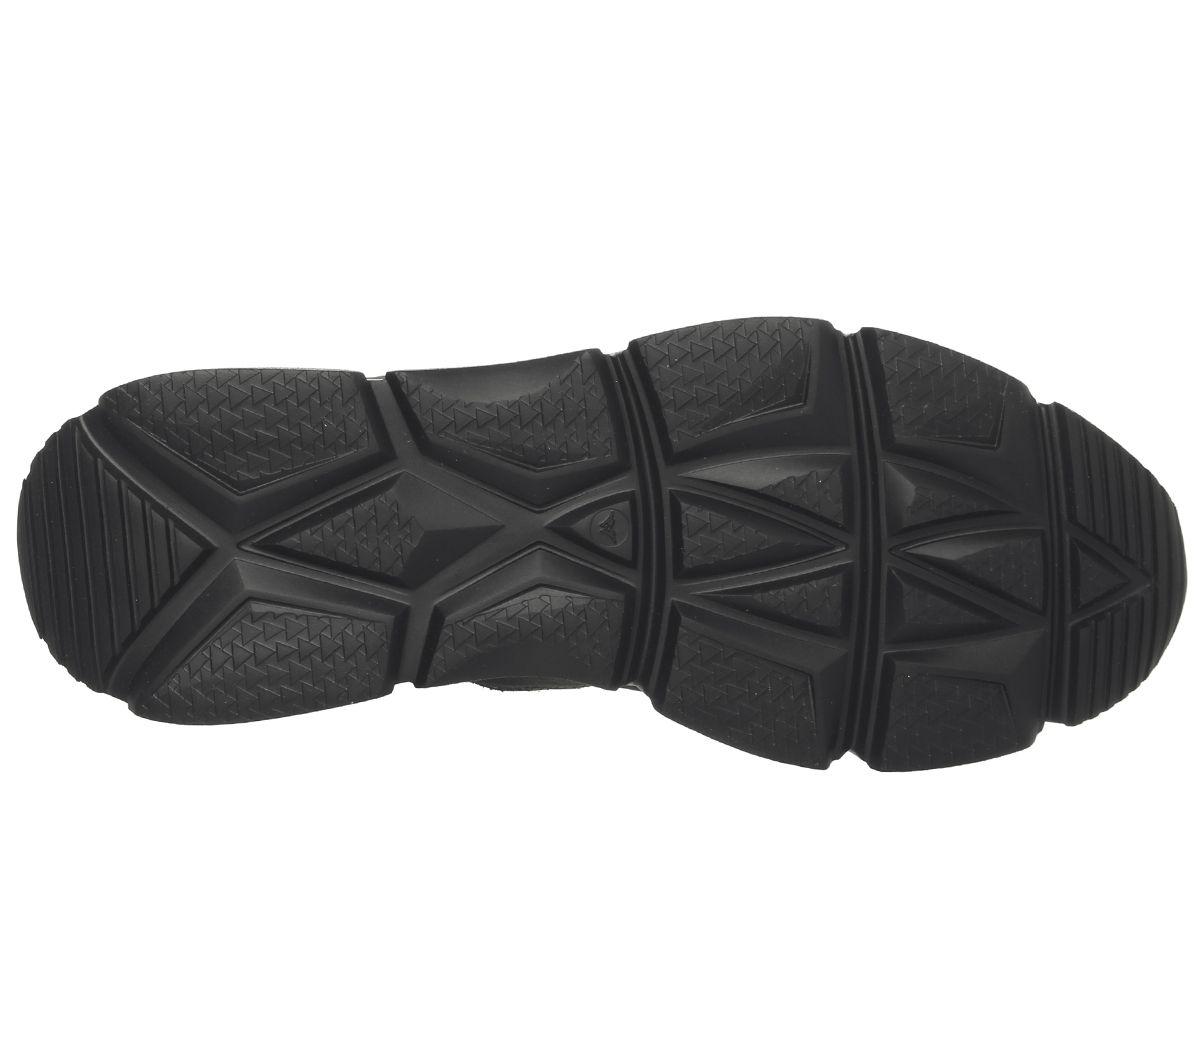 Hommes-Ask-The-Missus-Lignee-Baskets-Hi-Kaki-Daim-Decontracte-Chaussures miniature 12